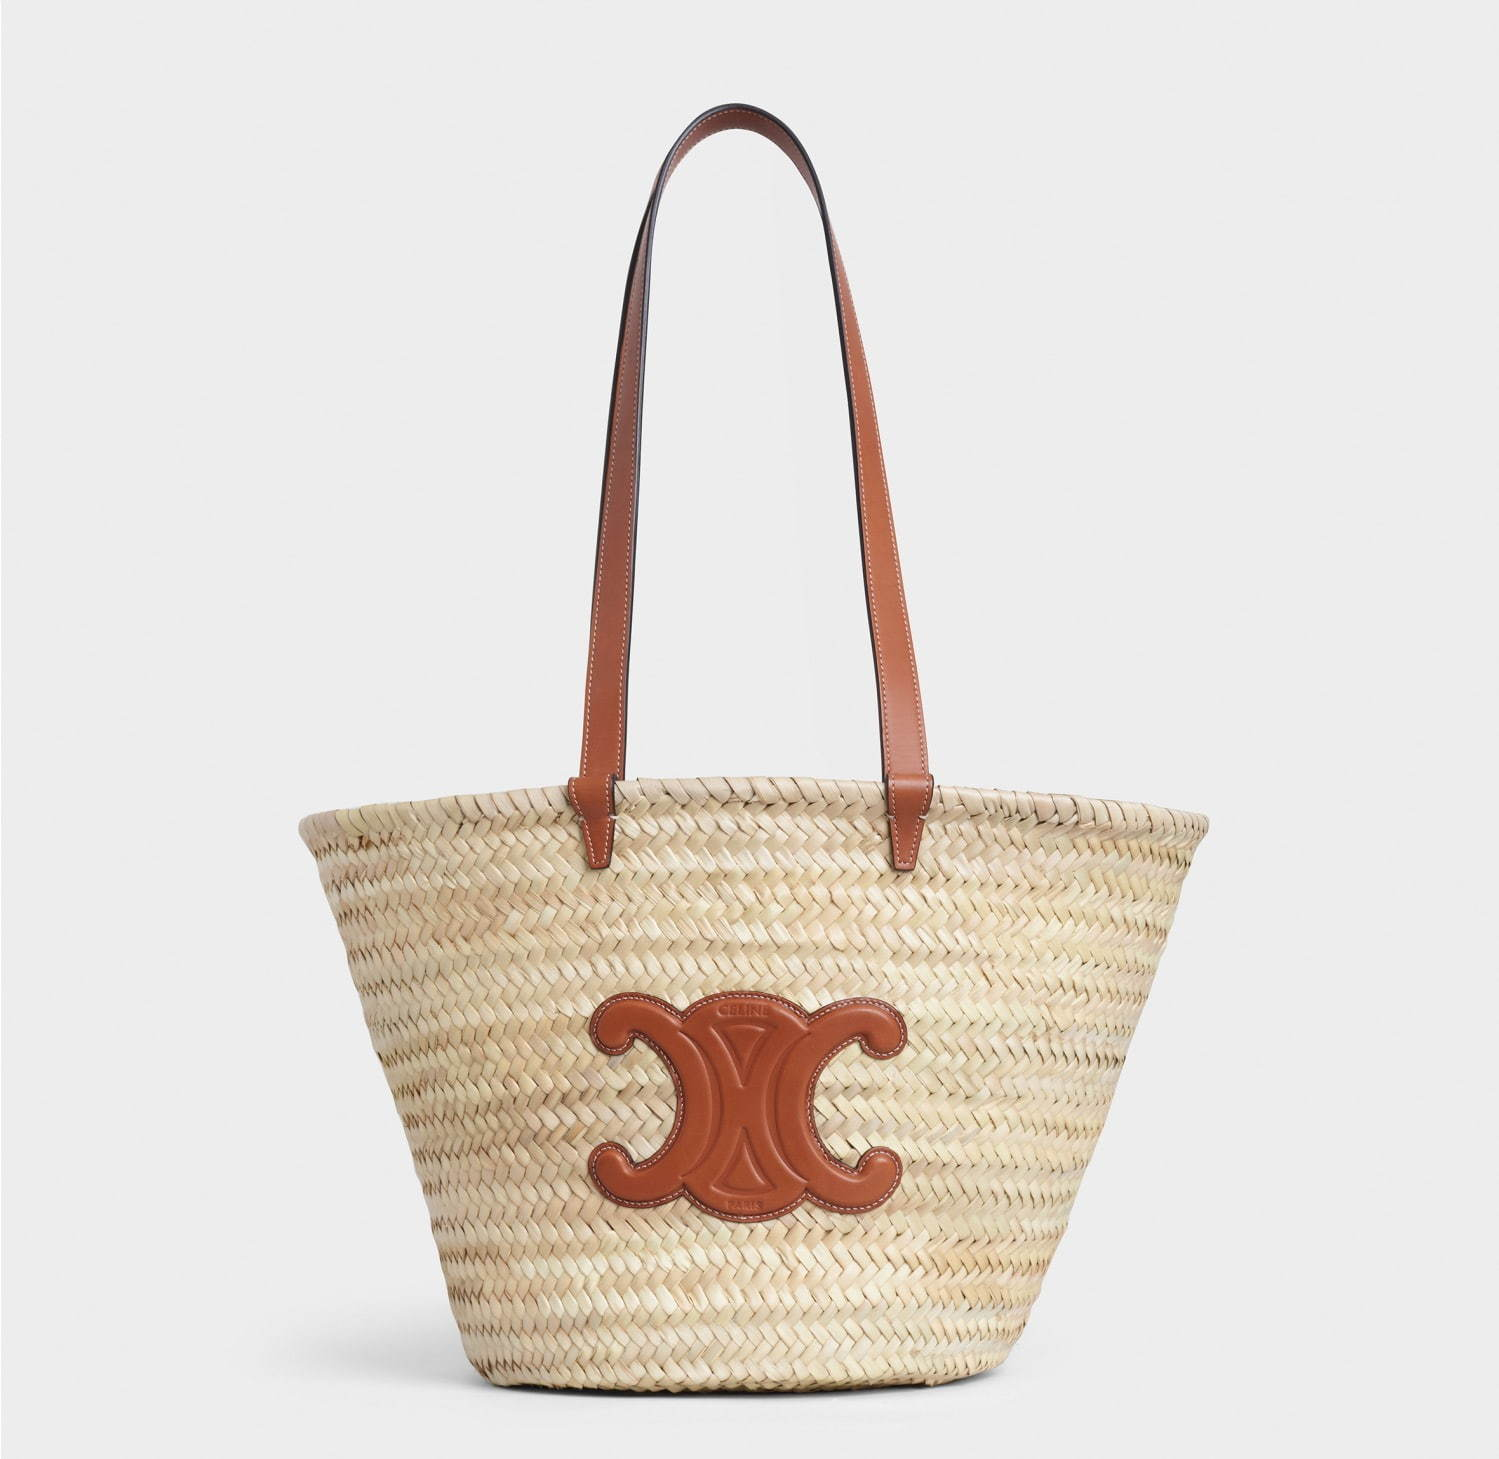 セリーヌのカゴバッグ「クラシック パニエ ラフィア&カーフスキン ミディアム トリオンフ」